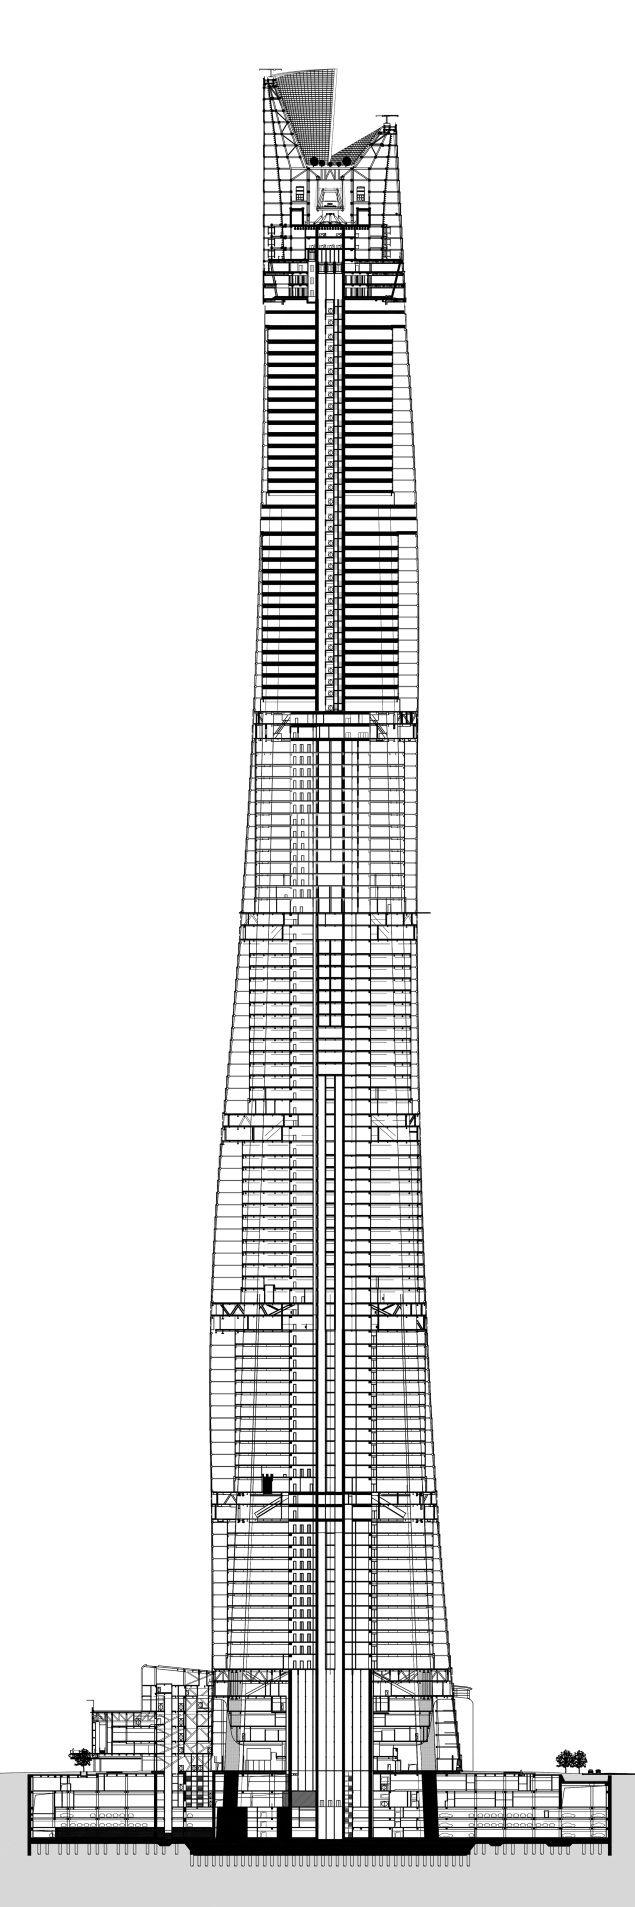 shanghai-tower-gensler-section